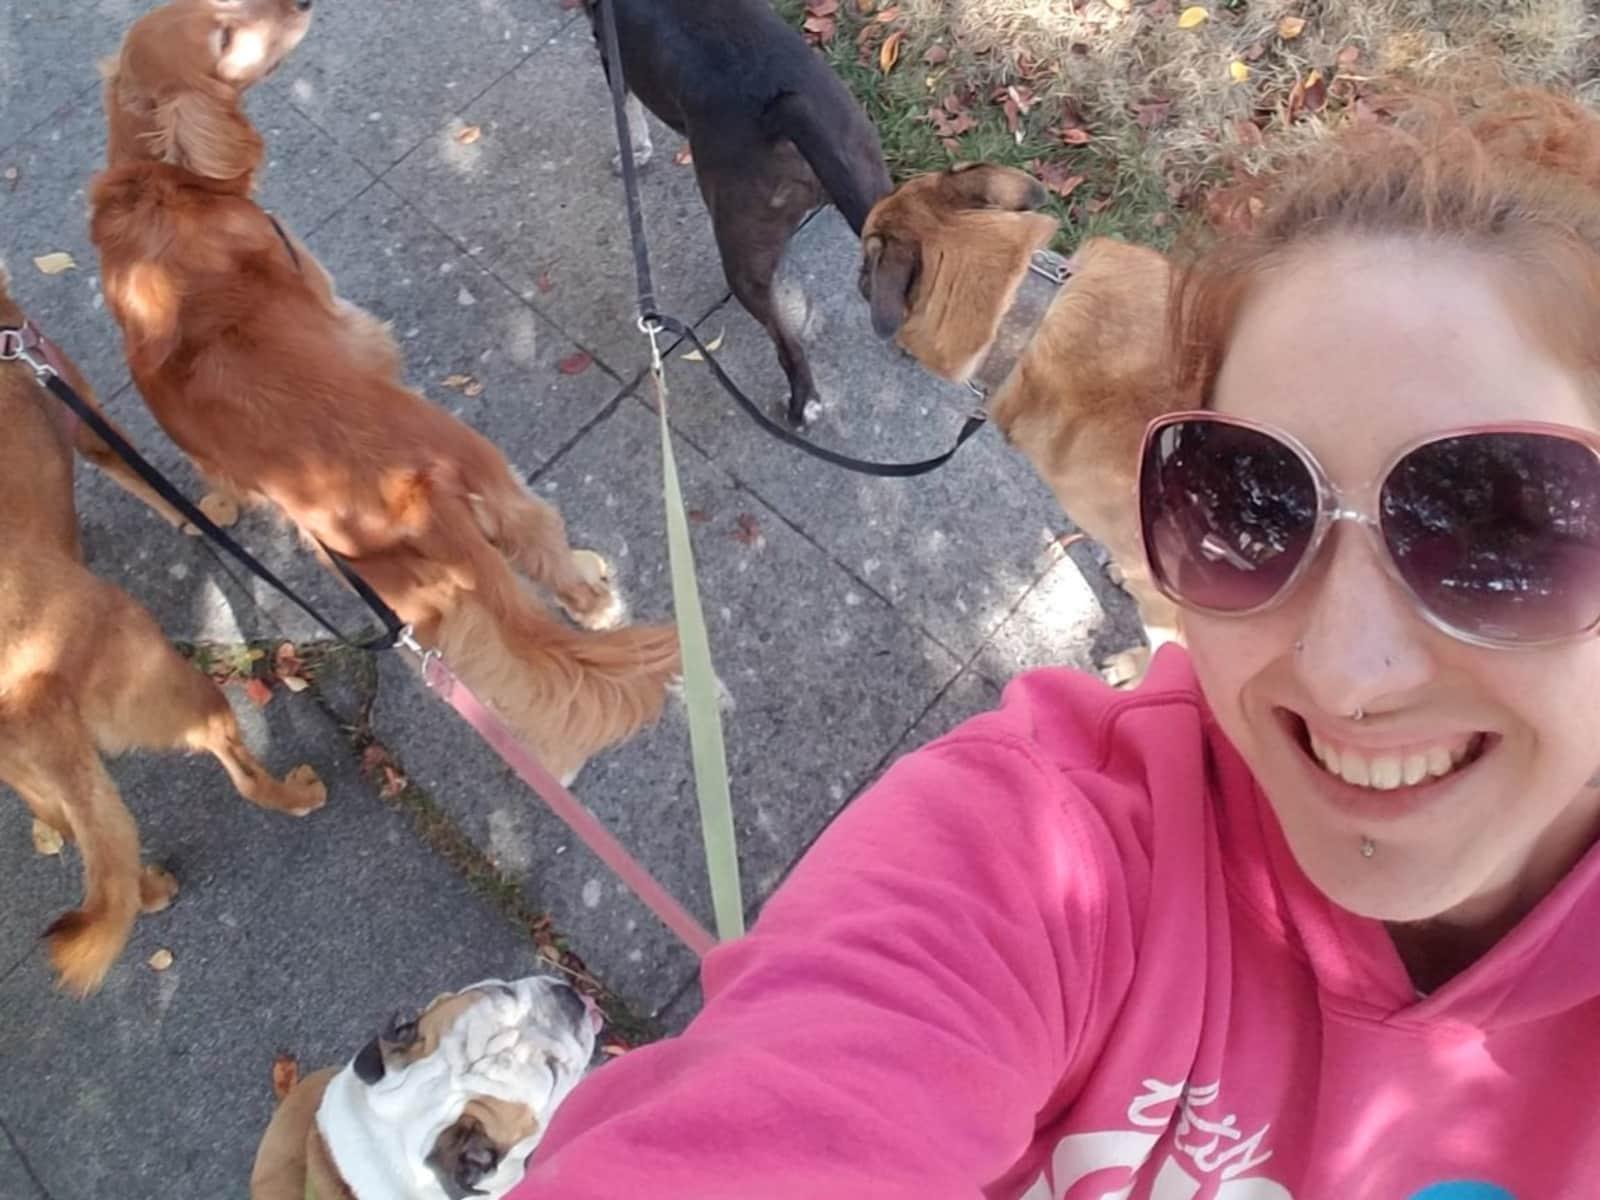 Jennifer from Port Orchard, Washington, United States